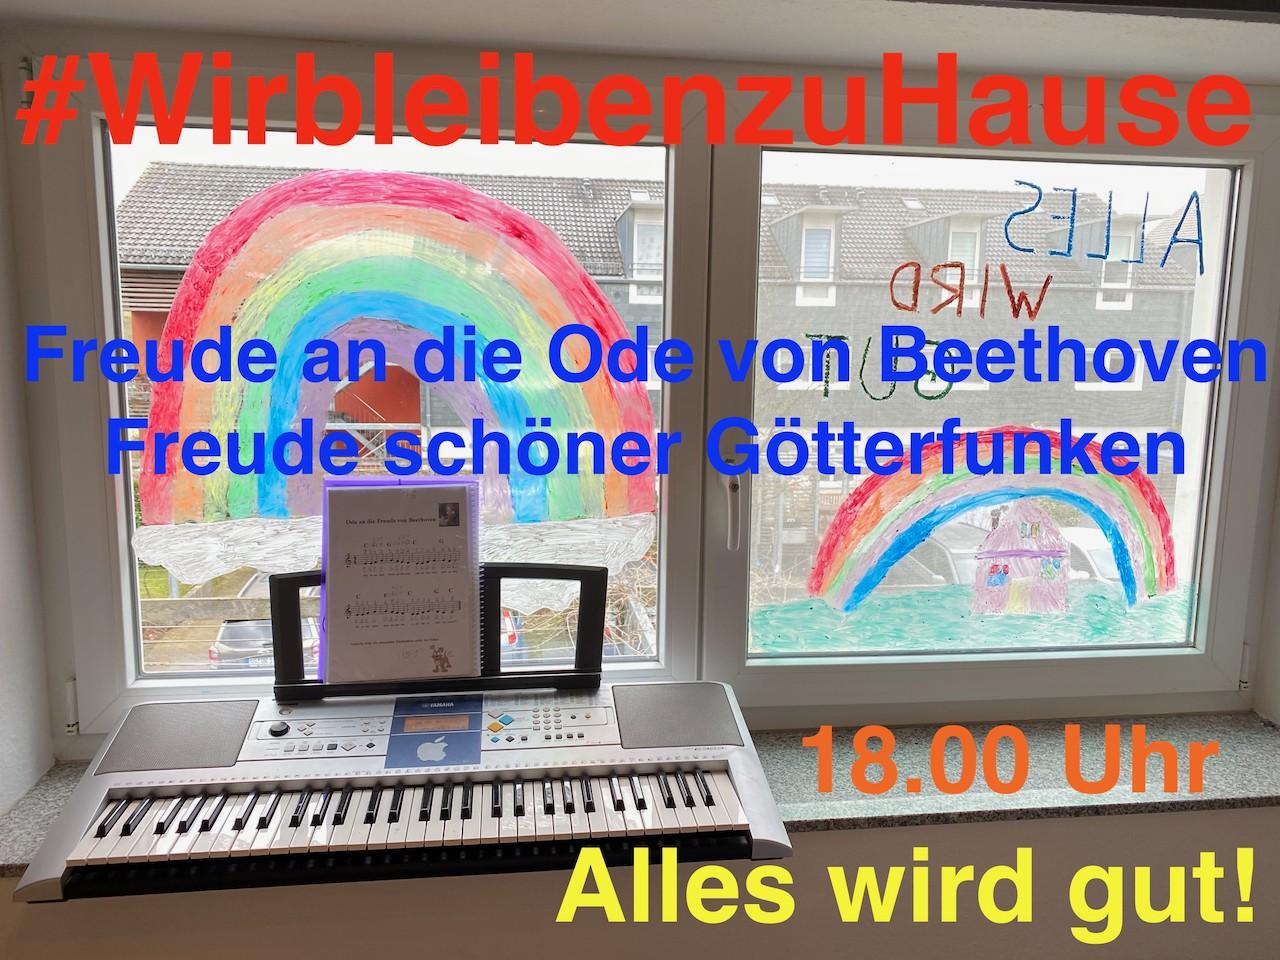 Ode an die Freude von Beethoven - Freude schöner Götterfunken - Alles wird gut - Videoleben